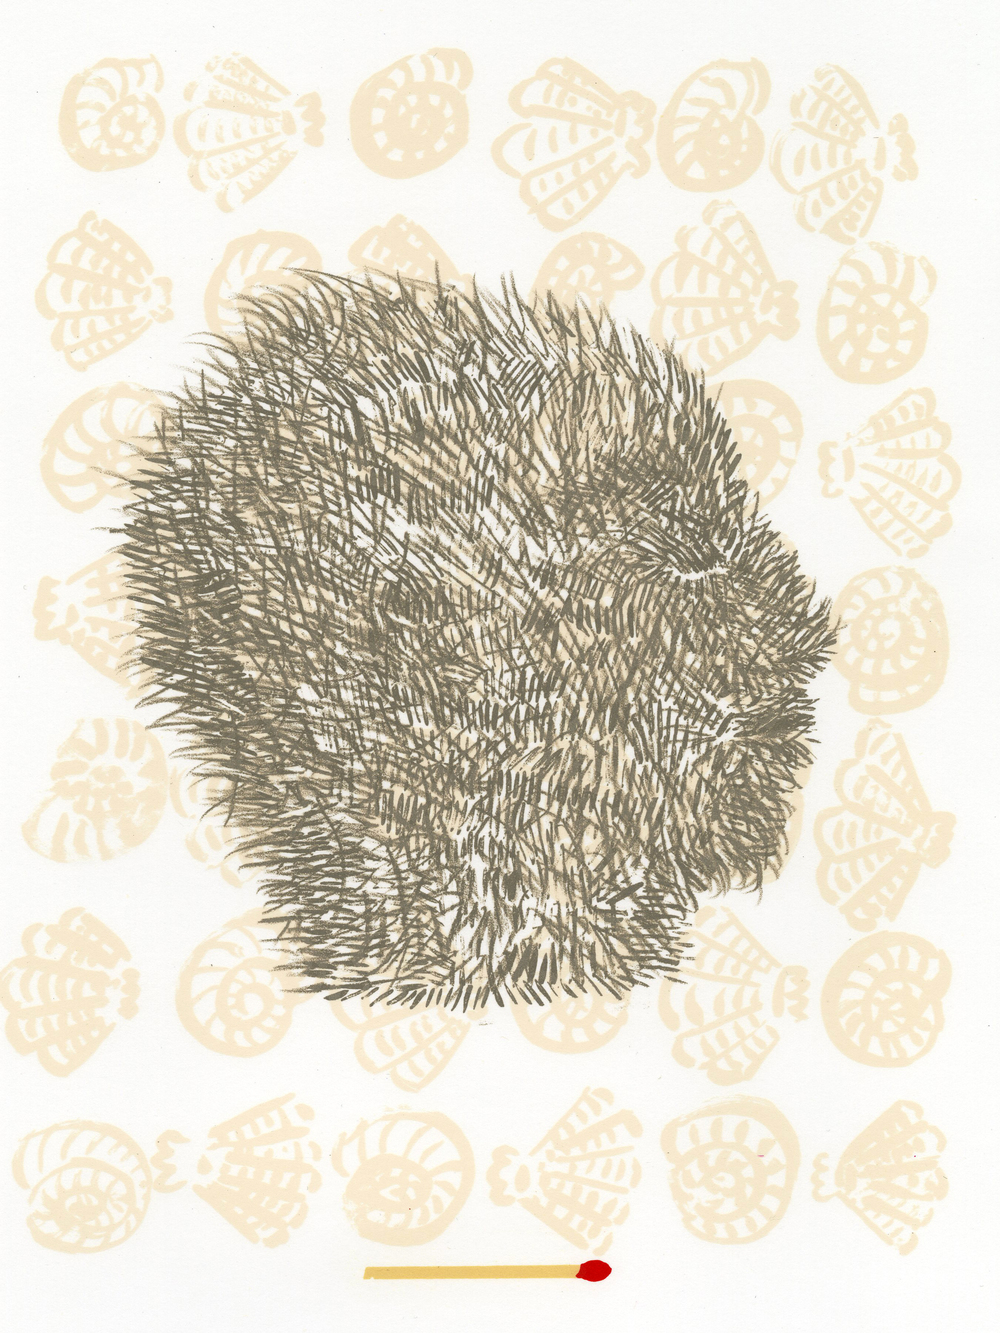 Fur Man , 2009 lithograph, 20 x 16 inches AP